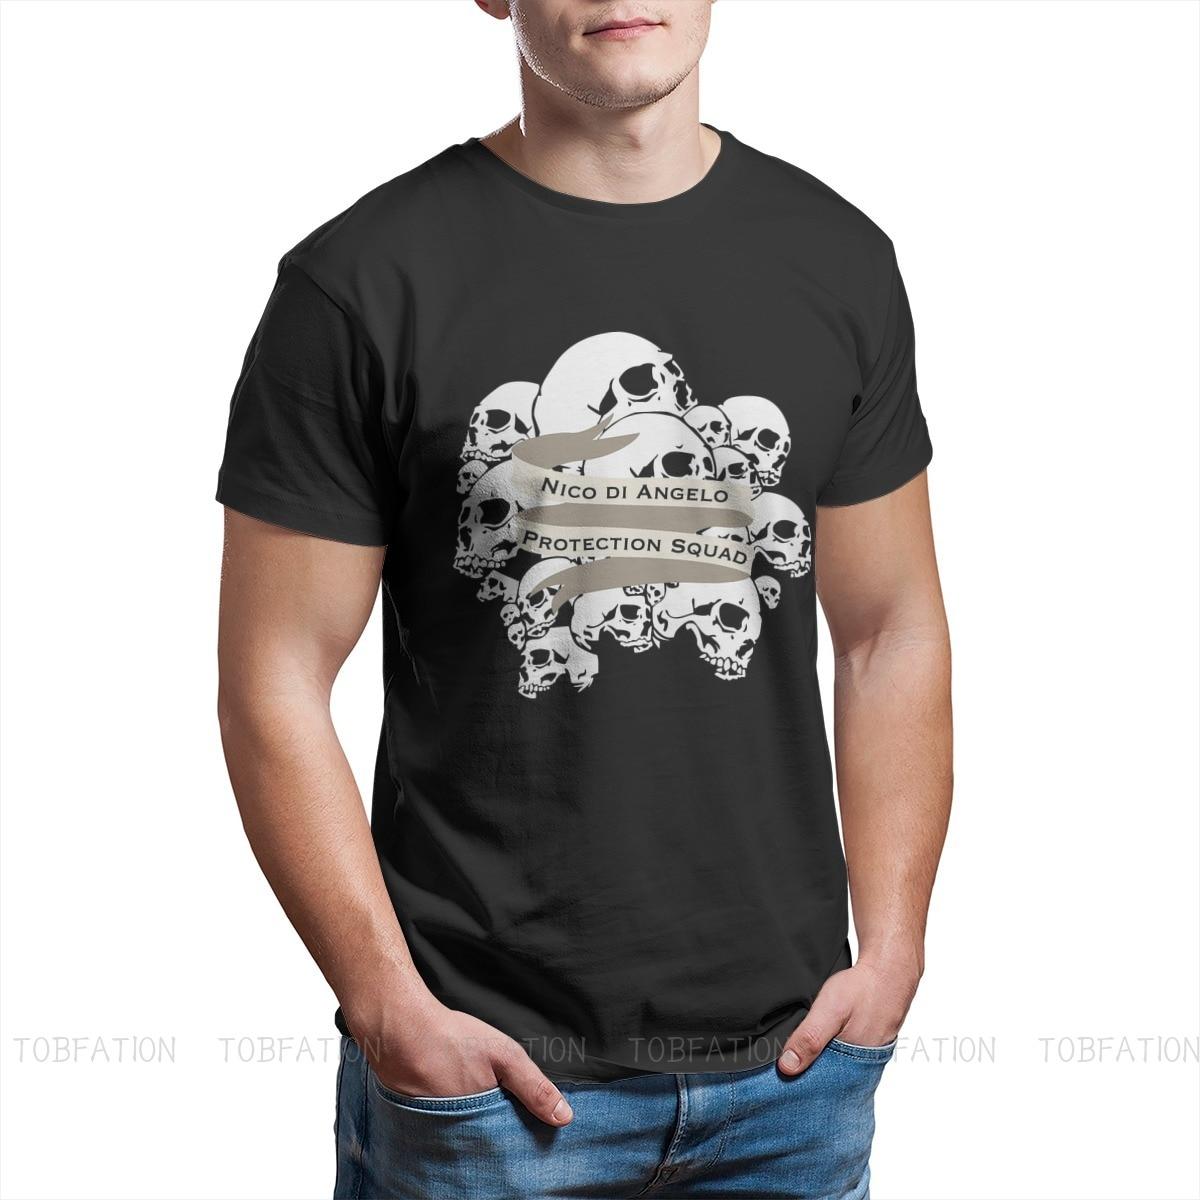 T-shirt in cotone con stampa Nico di Angelo ofertilizzanti mitologia romana Janus Vesta Archaic Triad saturno uomo Graphic Streetwear